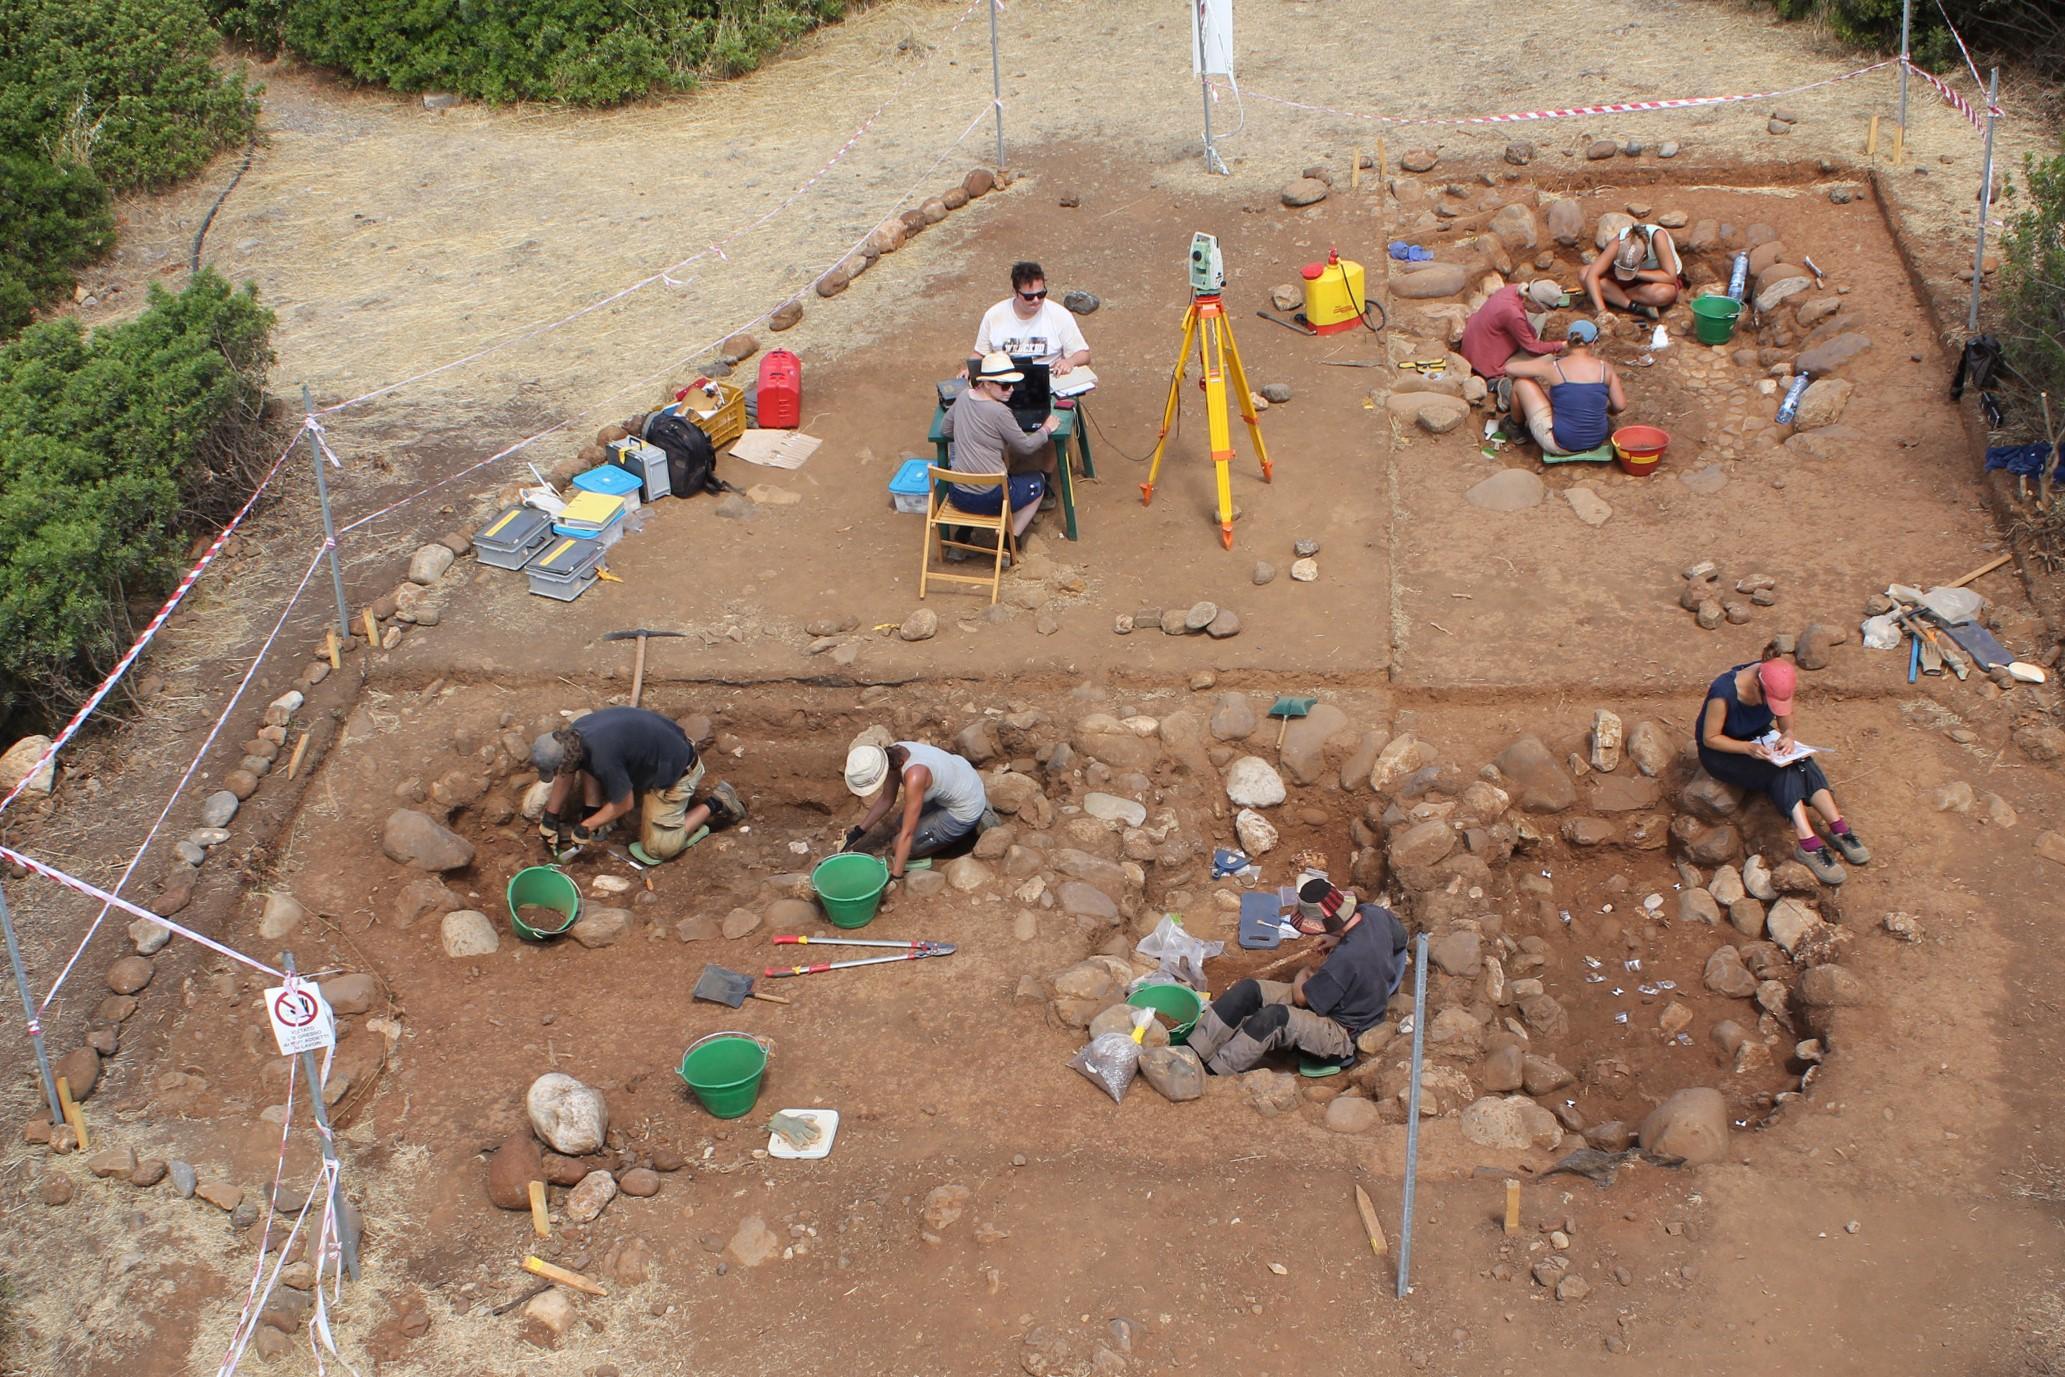 (foto: Università di Basilea, Progetto Francavilla): Parte settentrionale dell'Area Strada durante gli scavi 2014